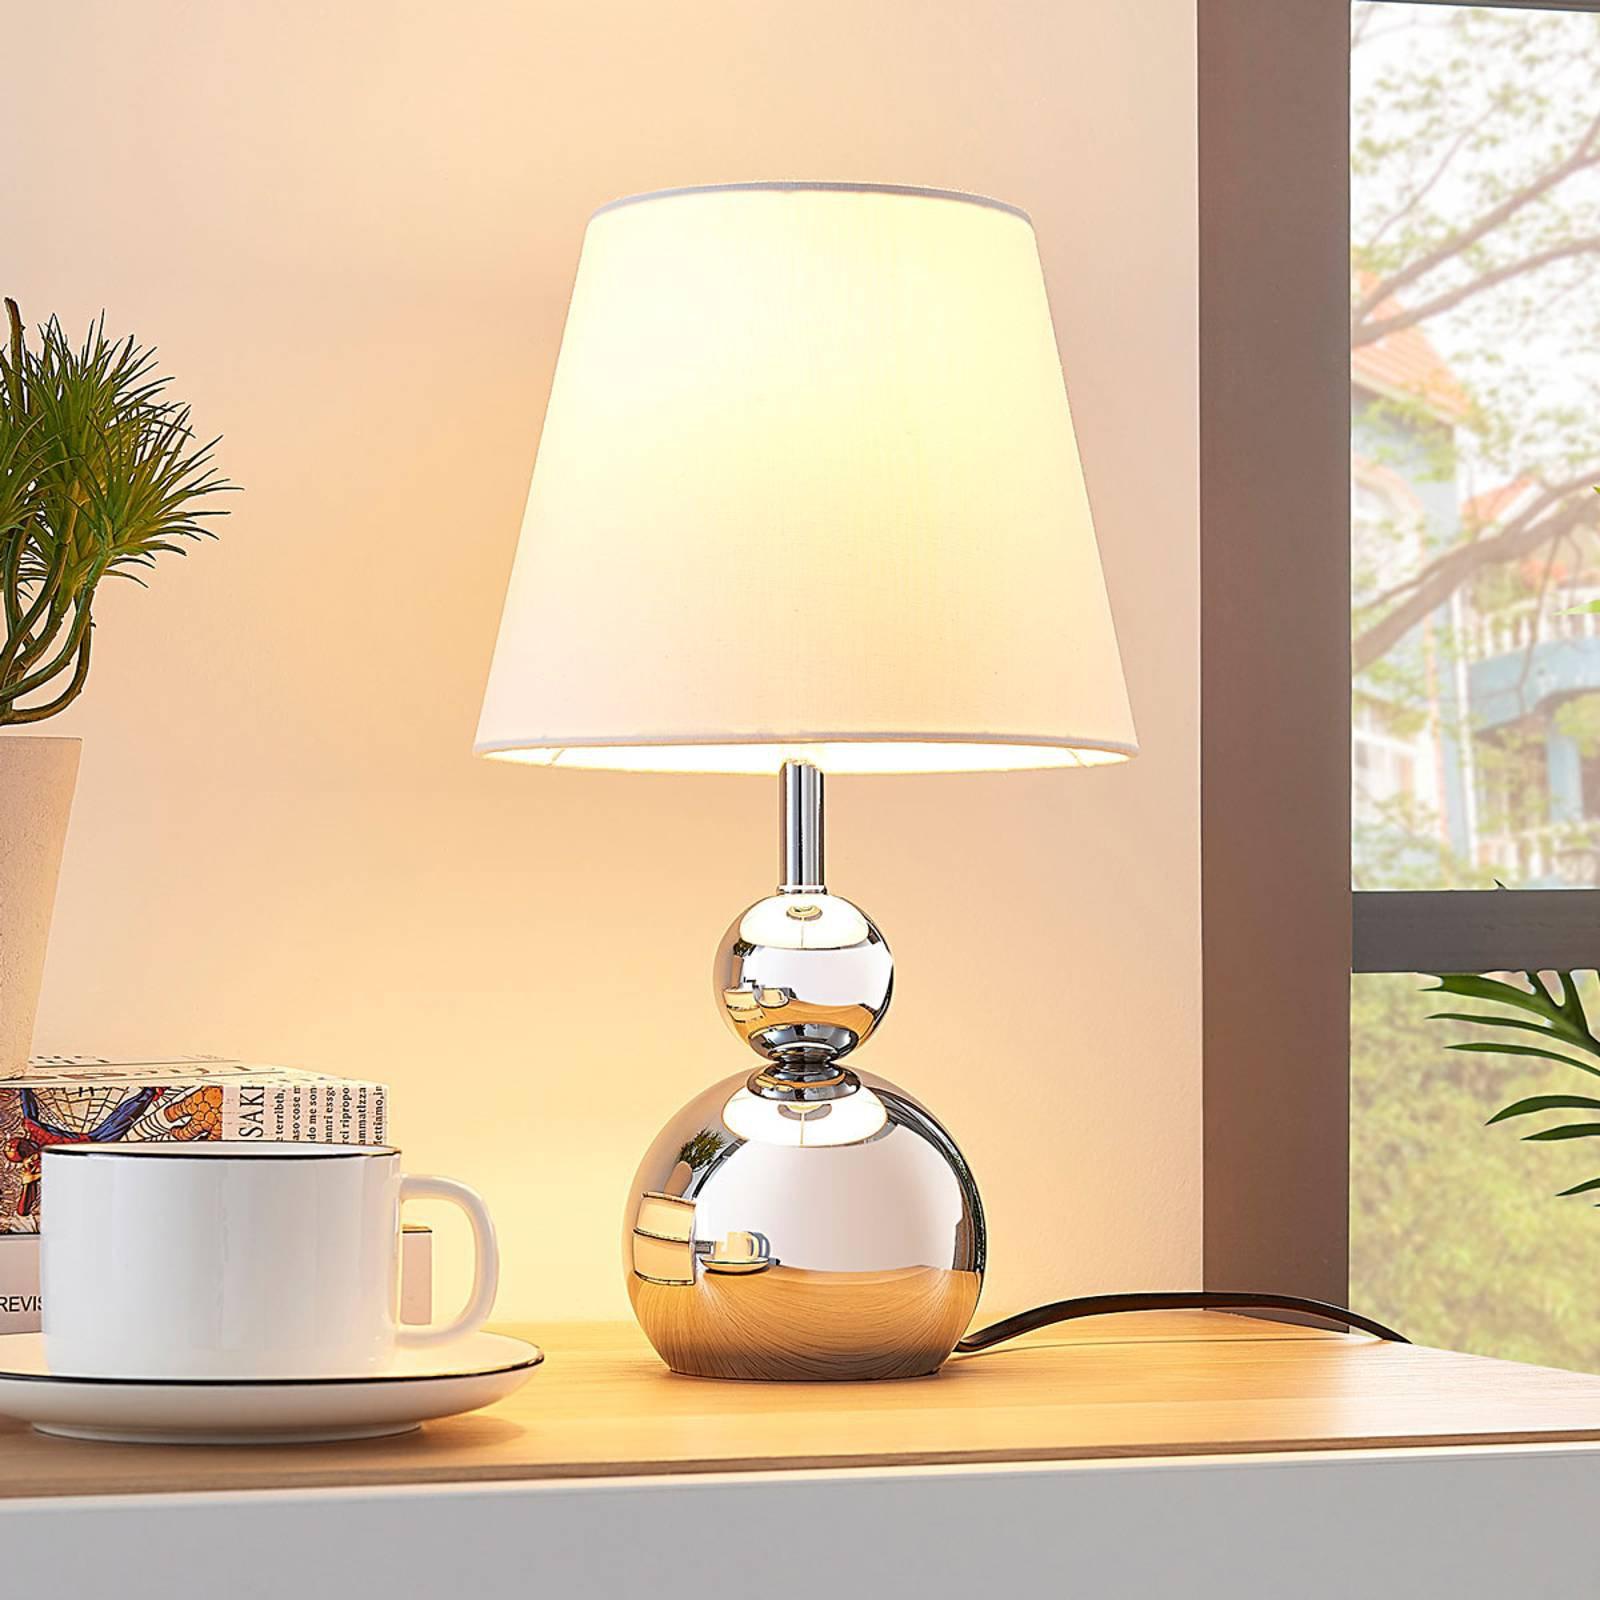 Hvit bordlampe i tekstil Andor med fot i krom